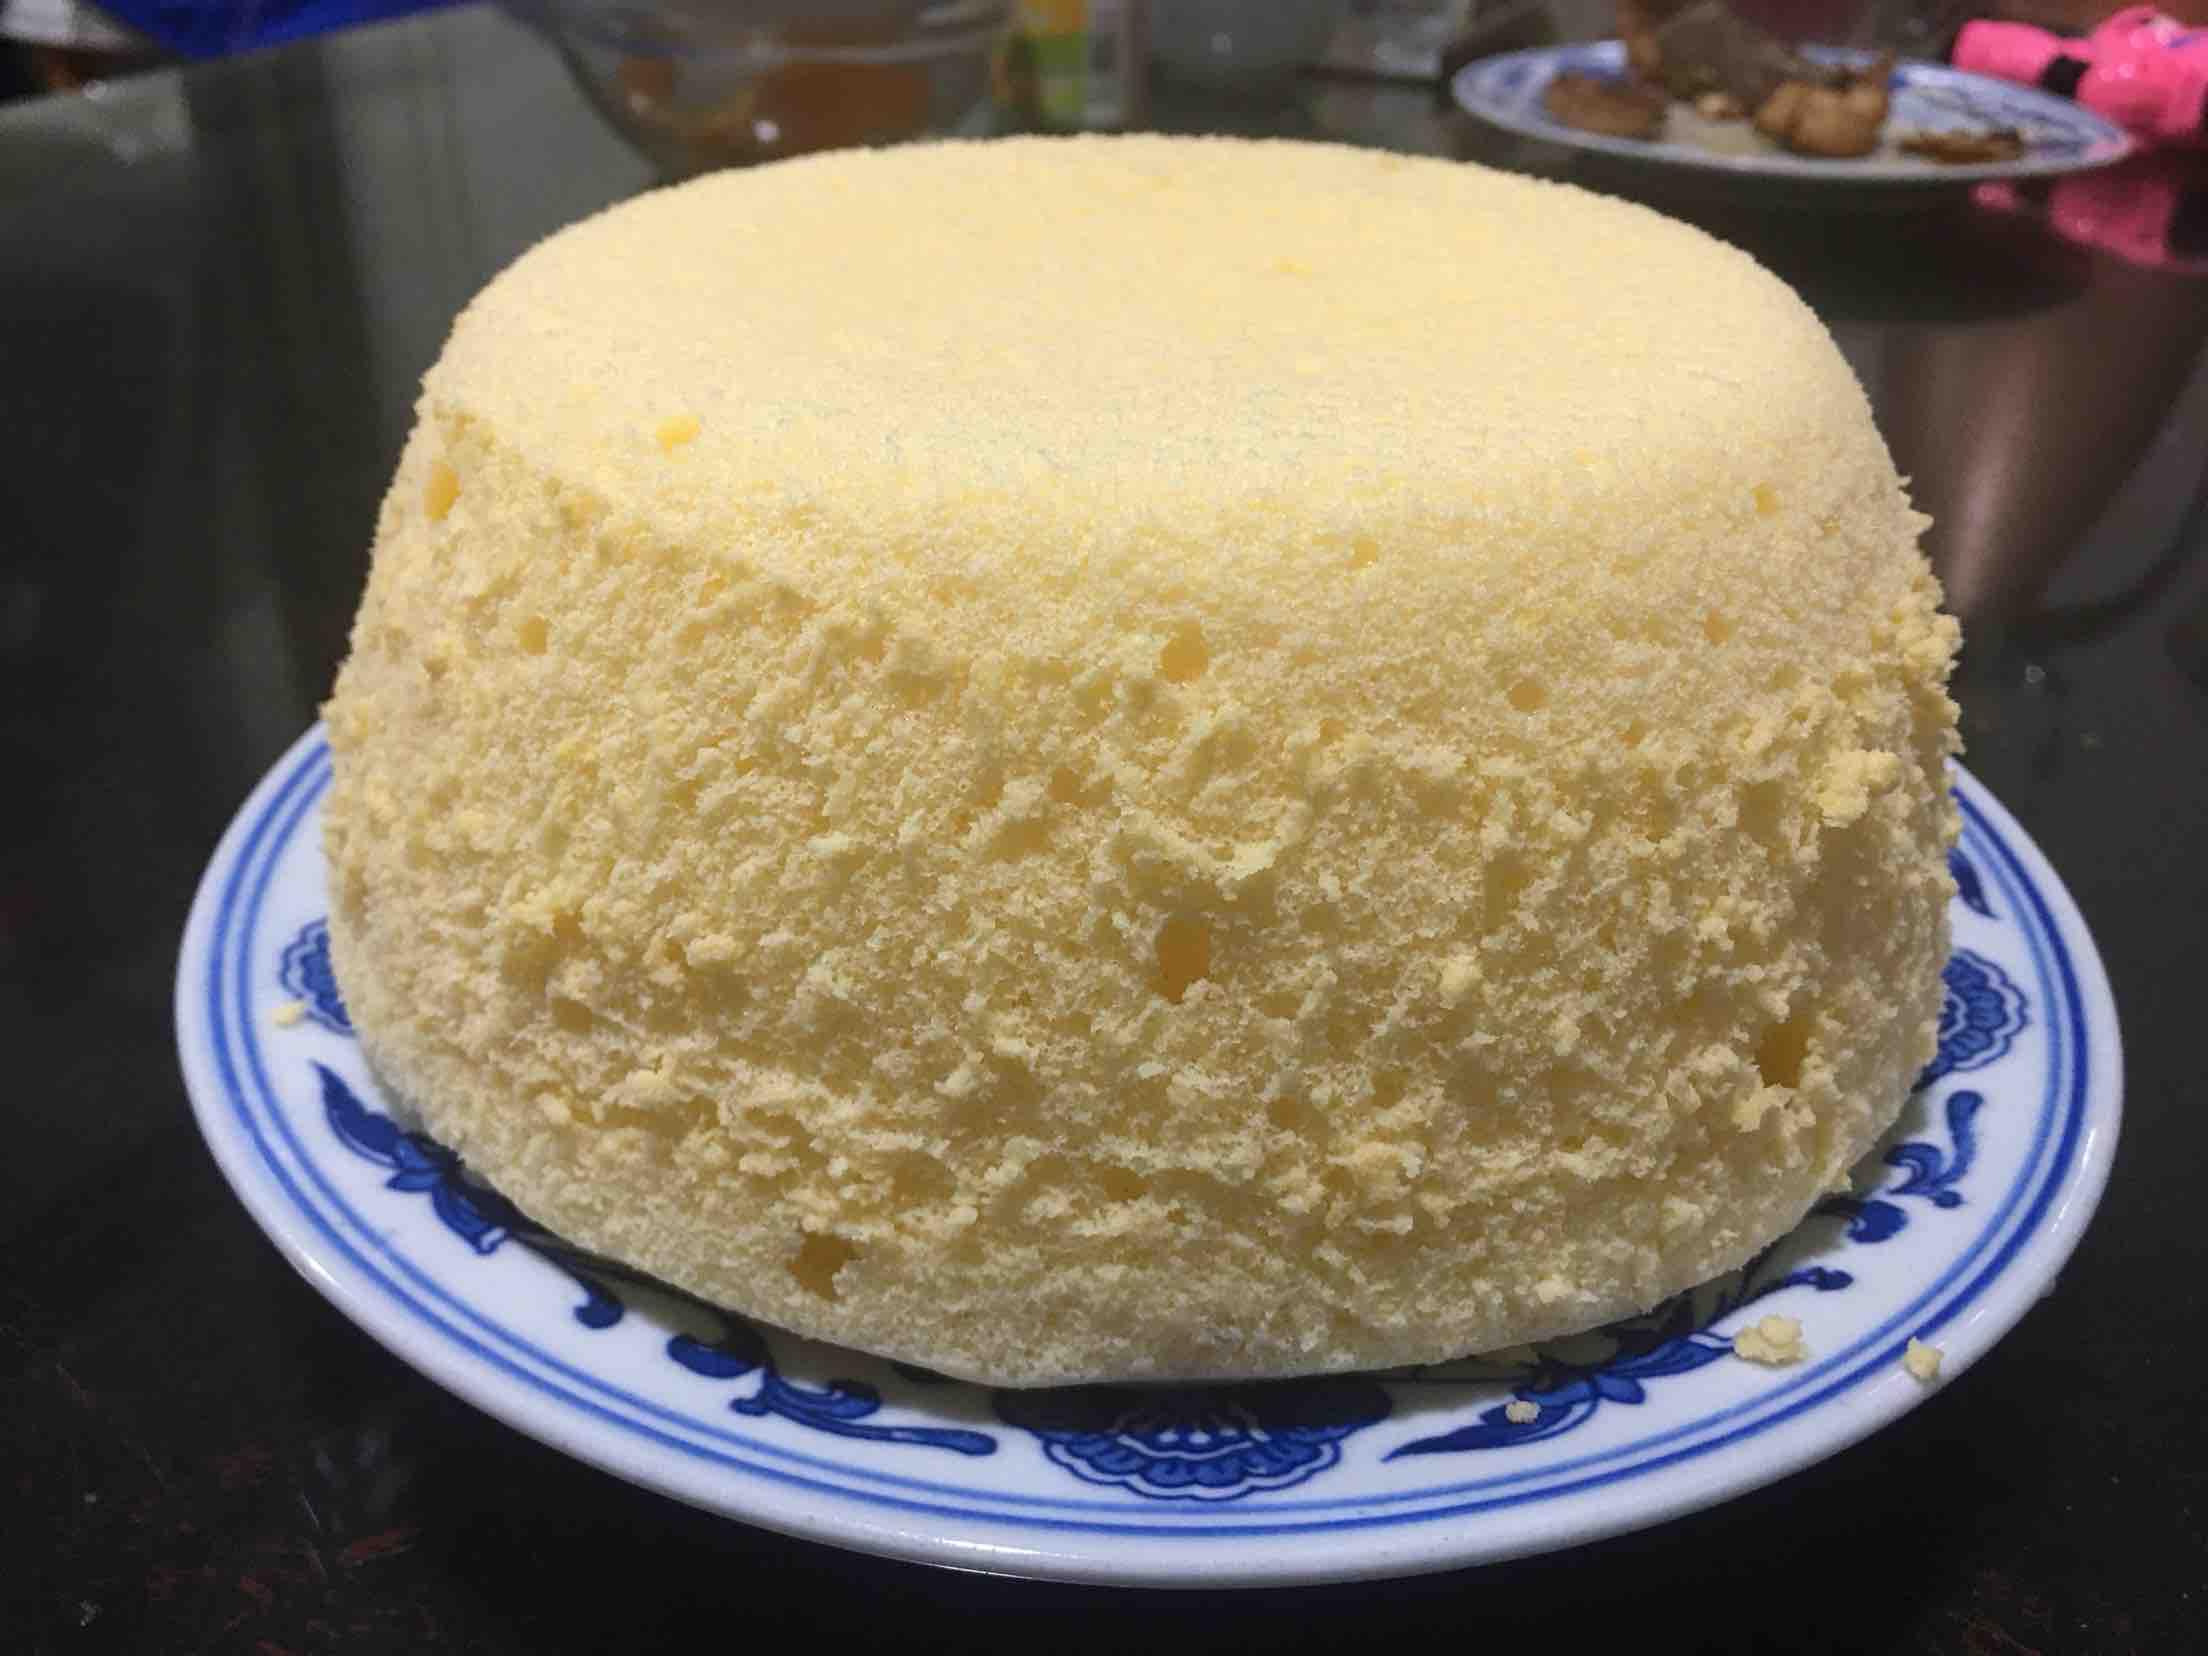 橙汁蒸蛋糕的制作